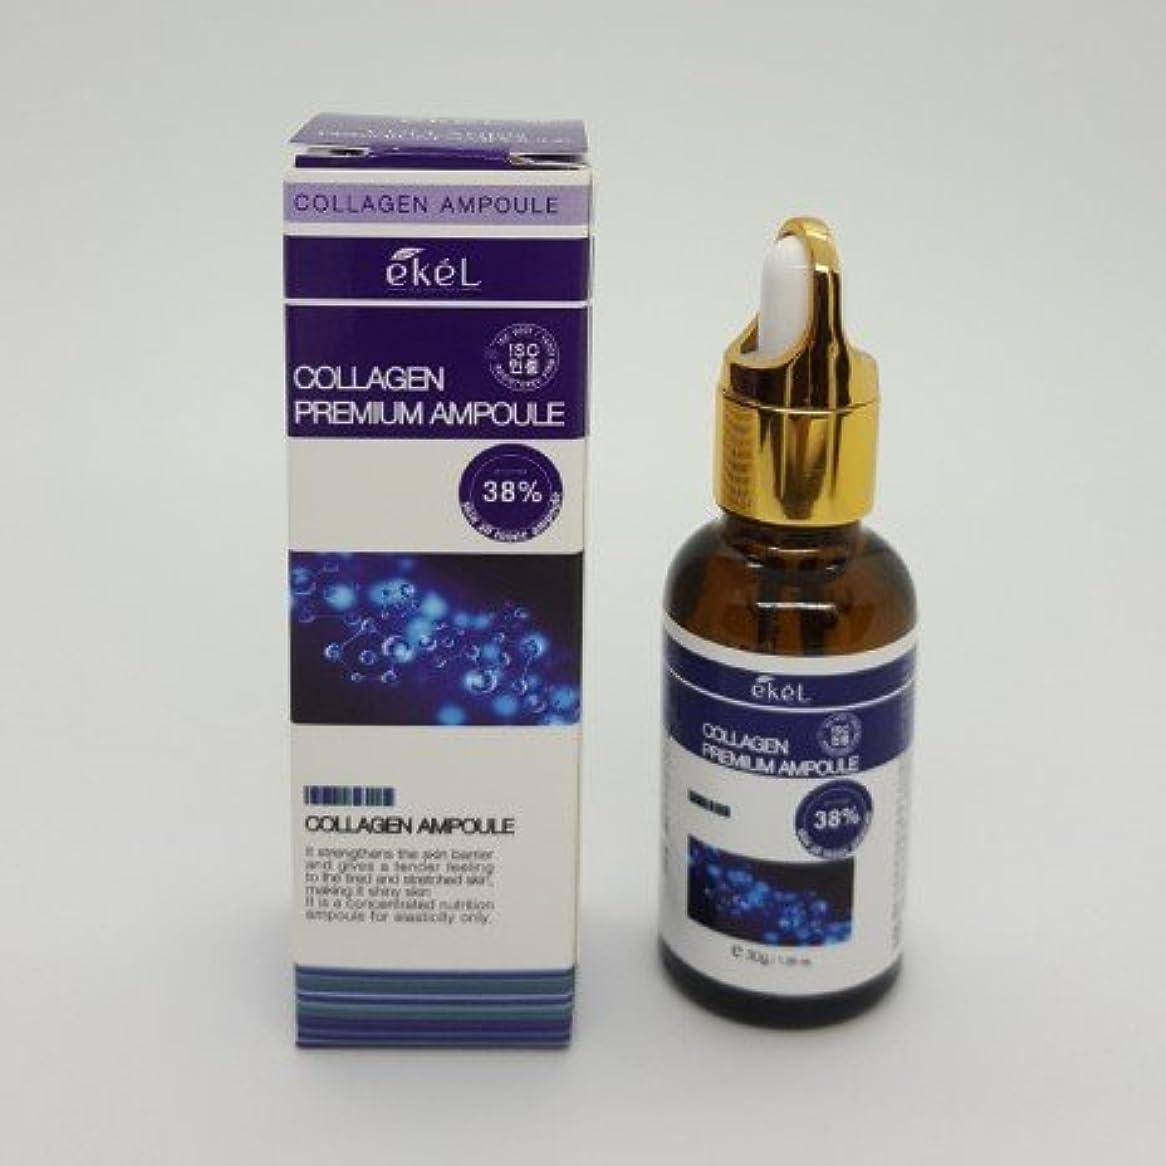 影響気分風[EKEL] Collagen Premium Ampoule 38% - 30g